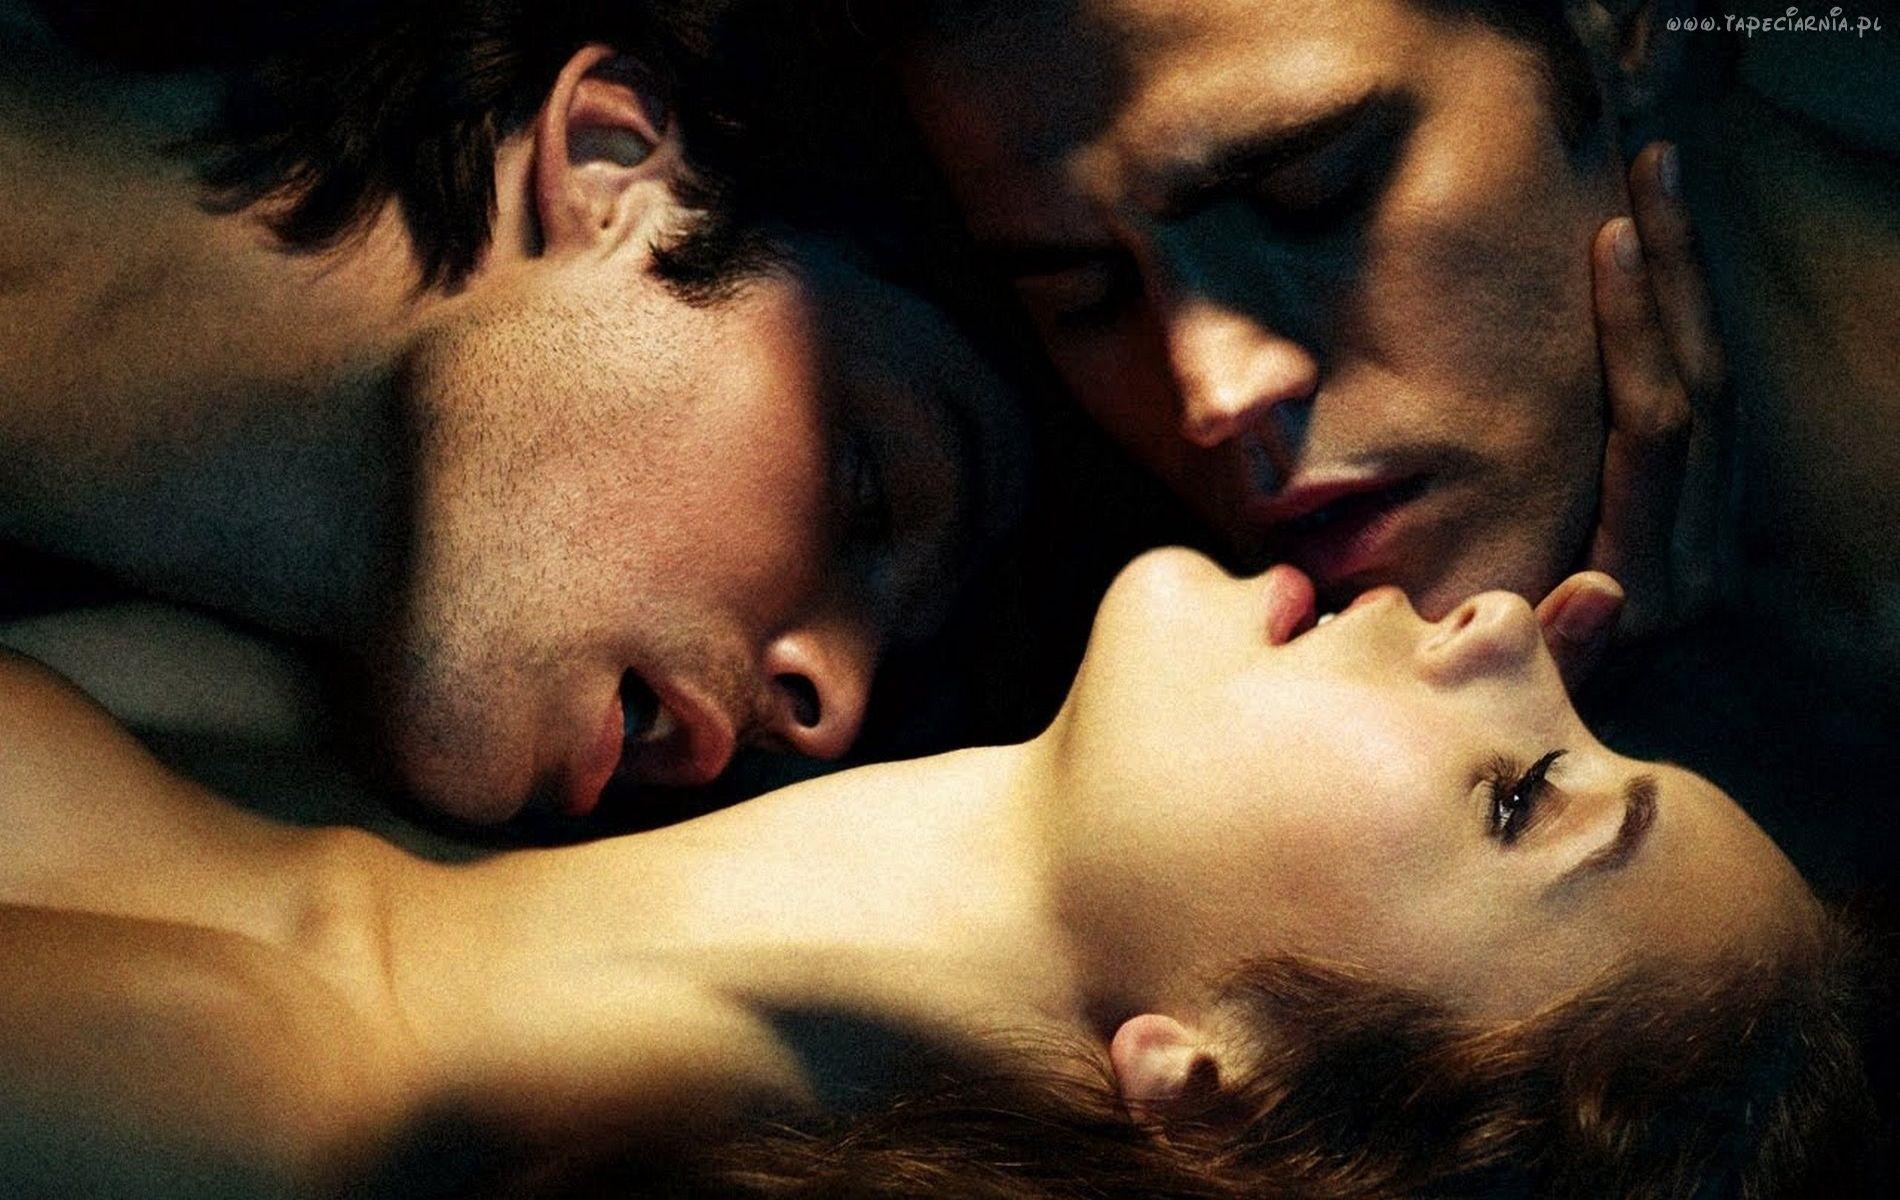 eroticheskie-igri-v-troem